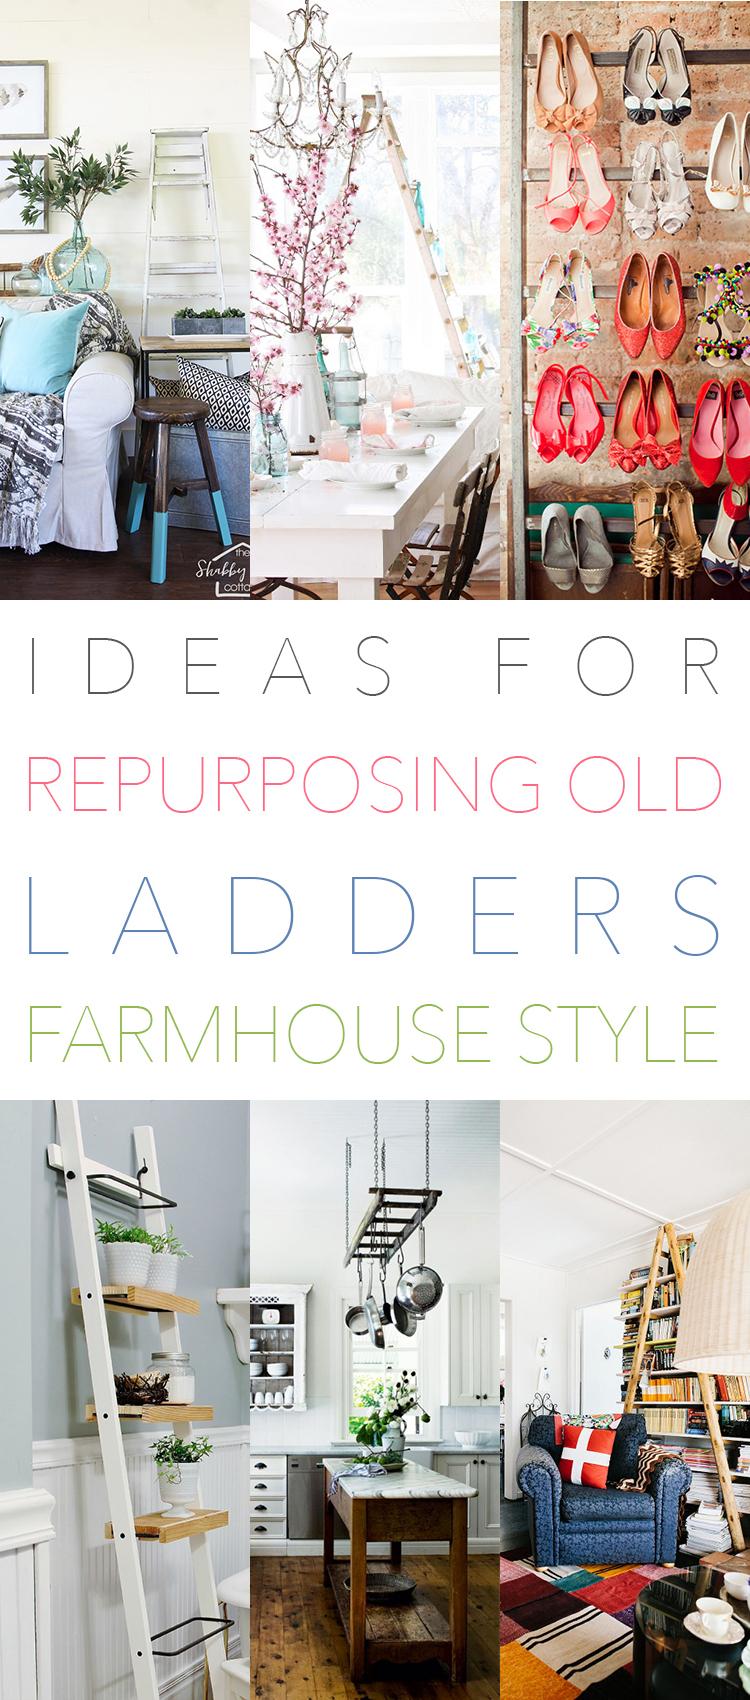 Fabulous Farmhouse Ladder DIYS and Ideas